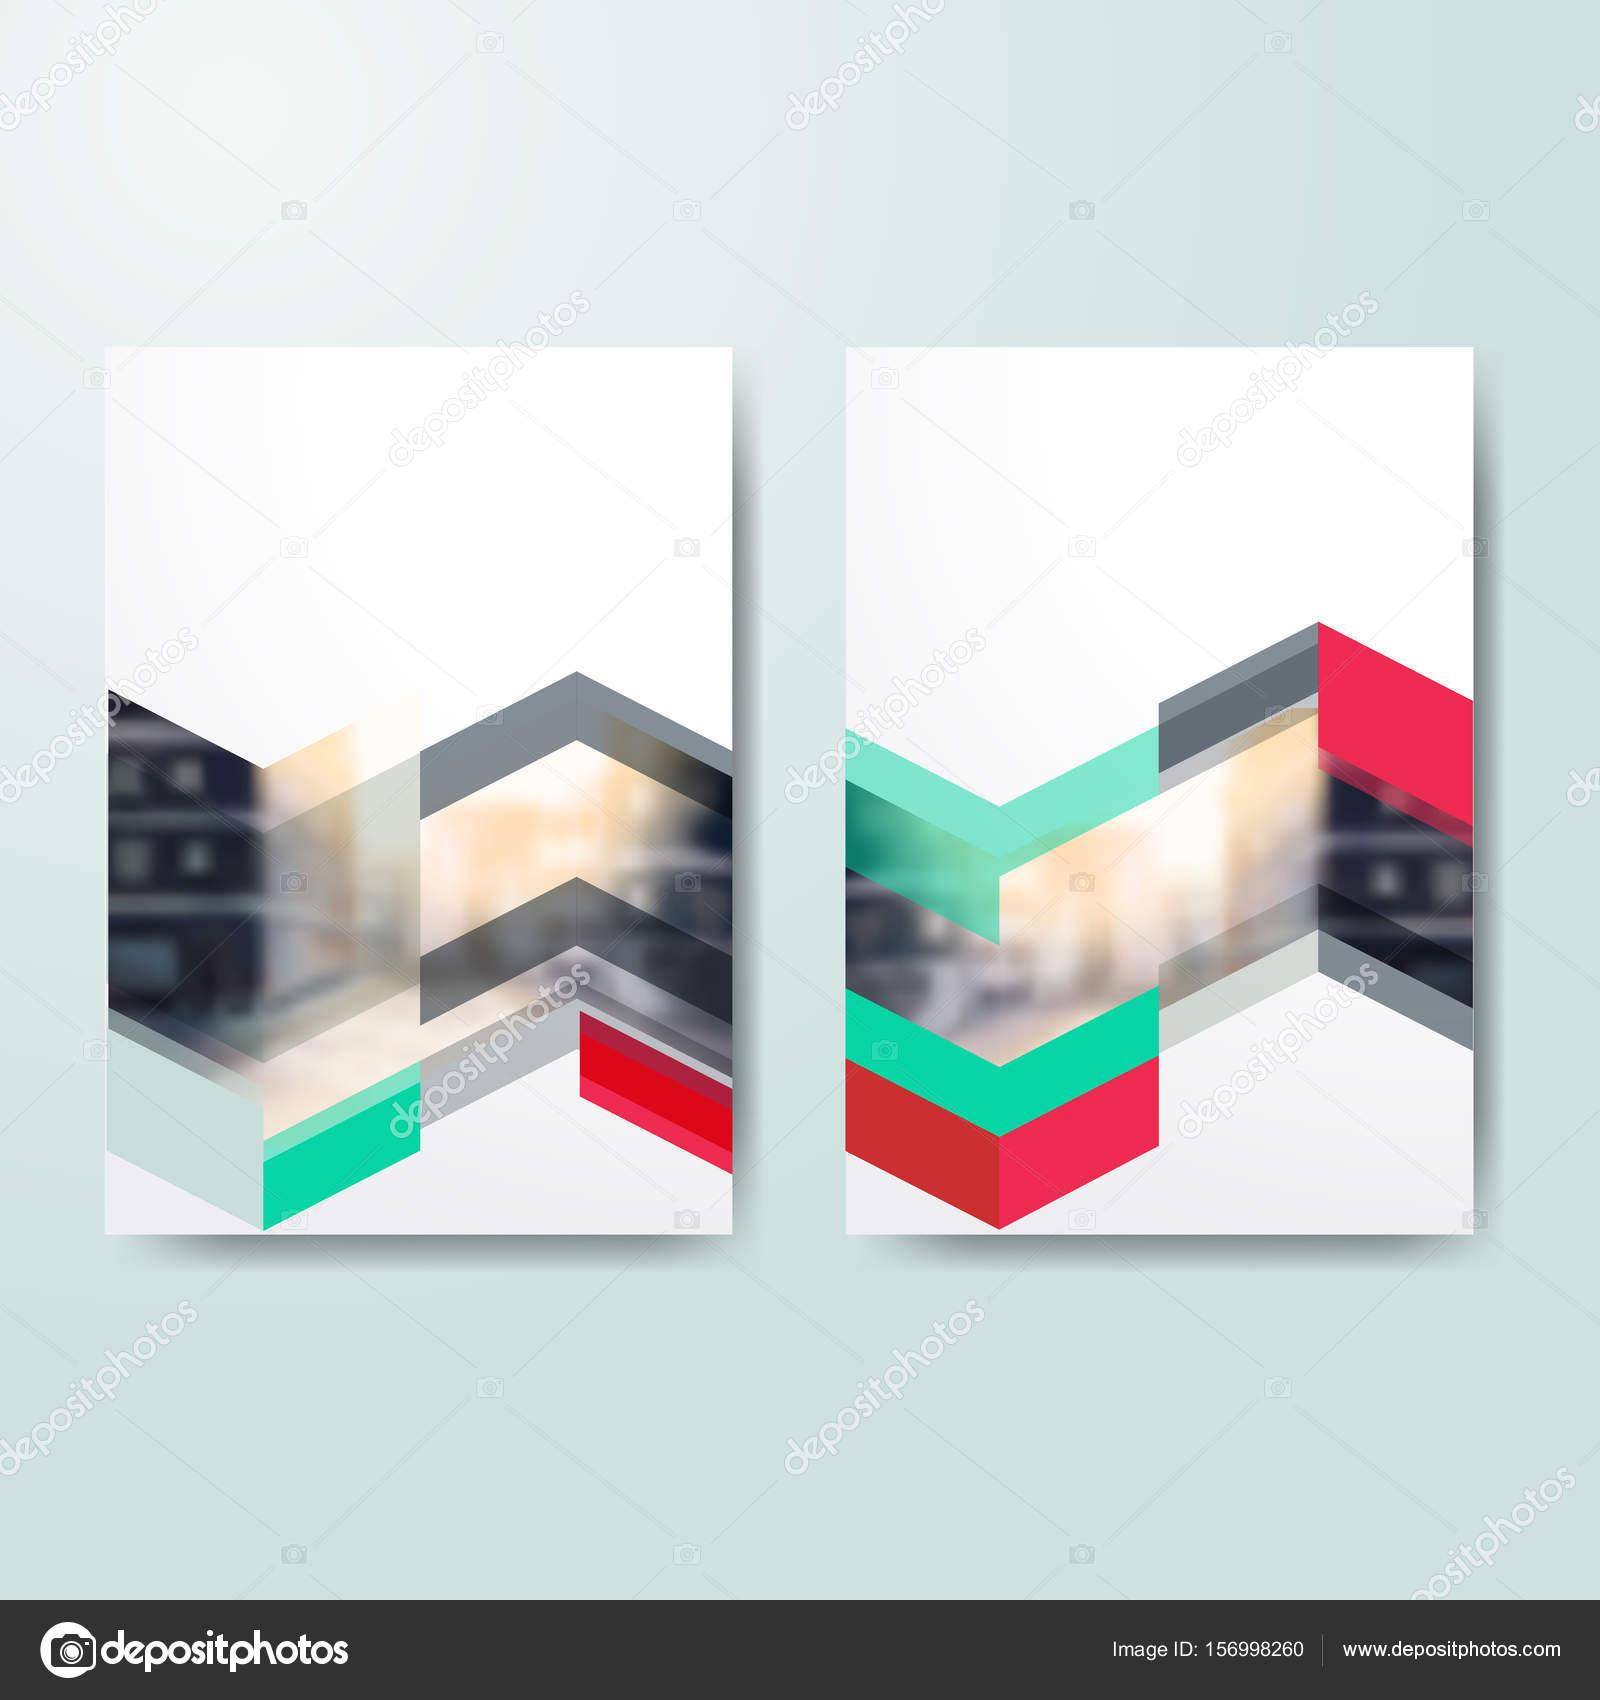 Buch-Cover-Design-Vorlagen — Stockvektor © Wildrabbit #156998260